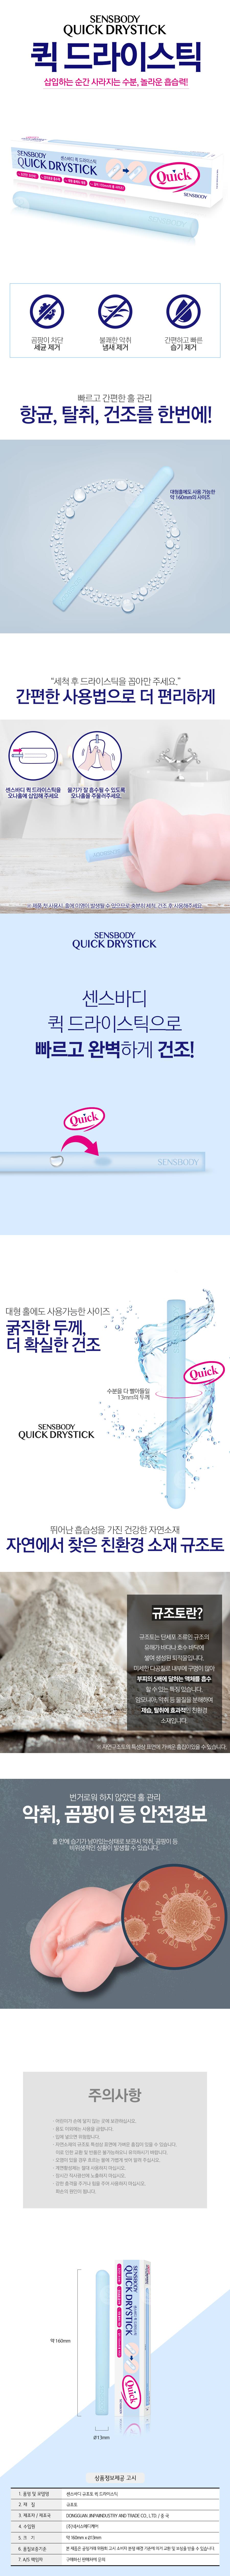 센스바디 규조토 퀵 드라이스틱 상품정보